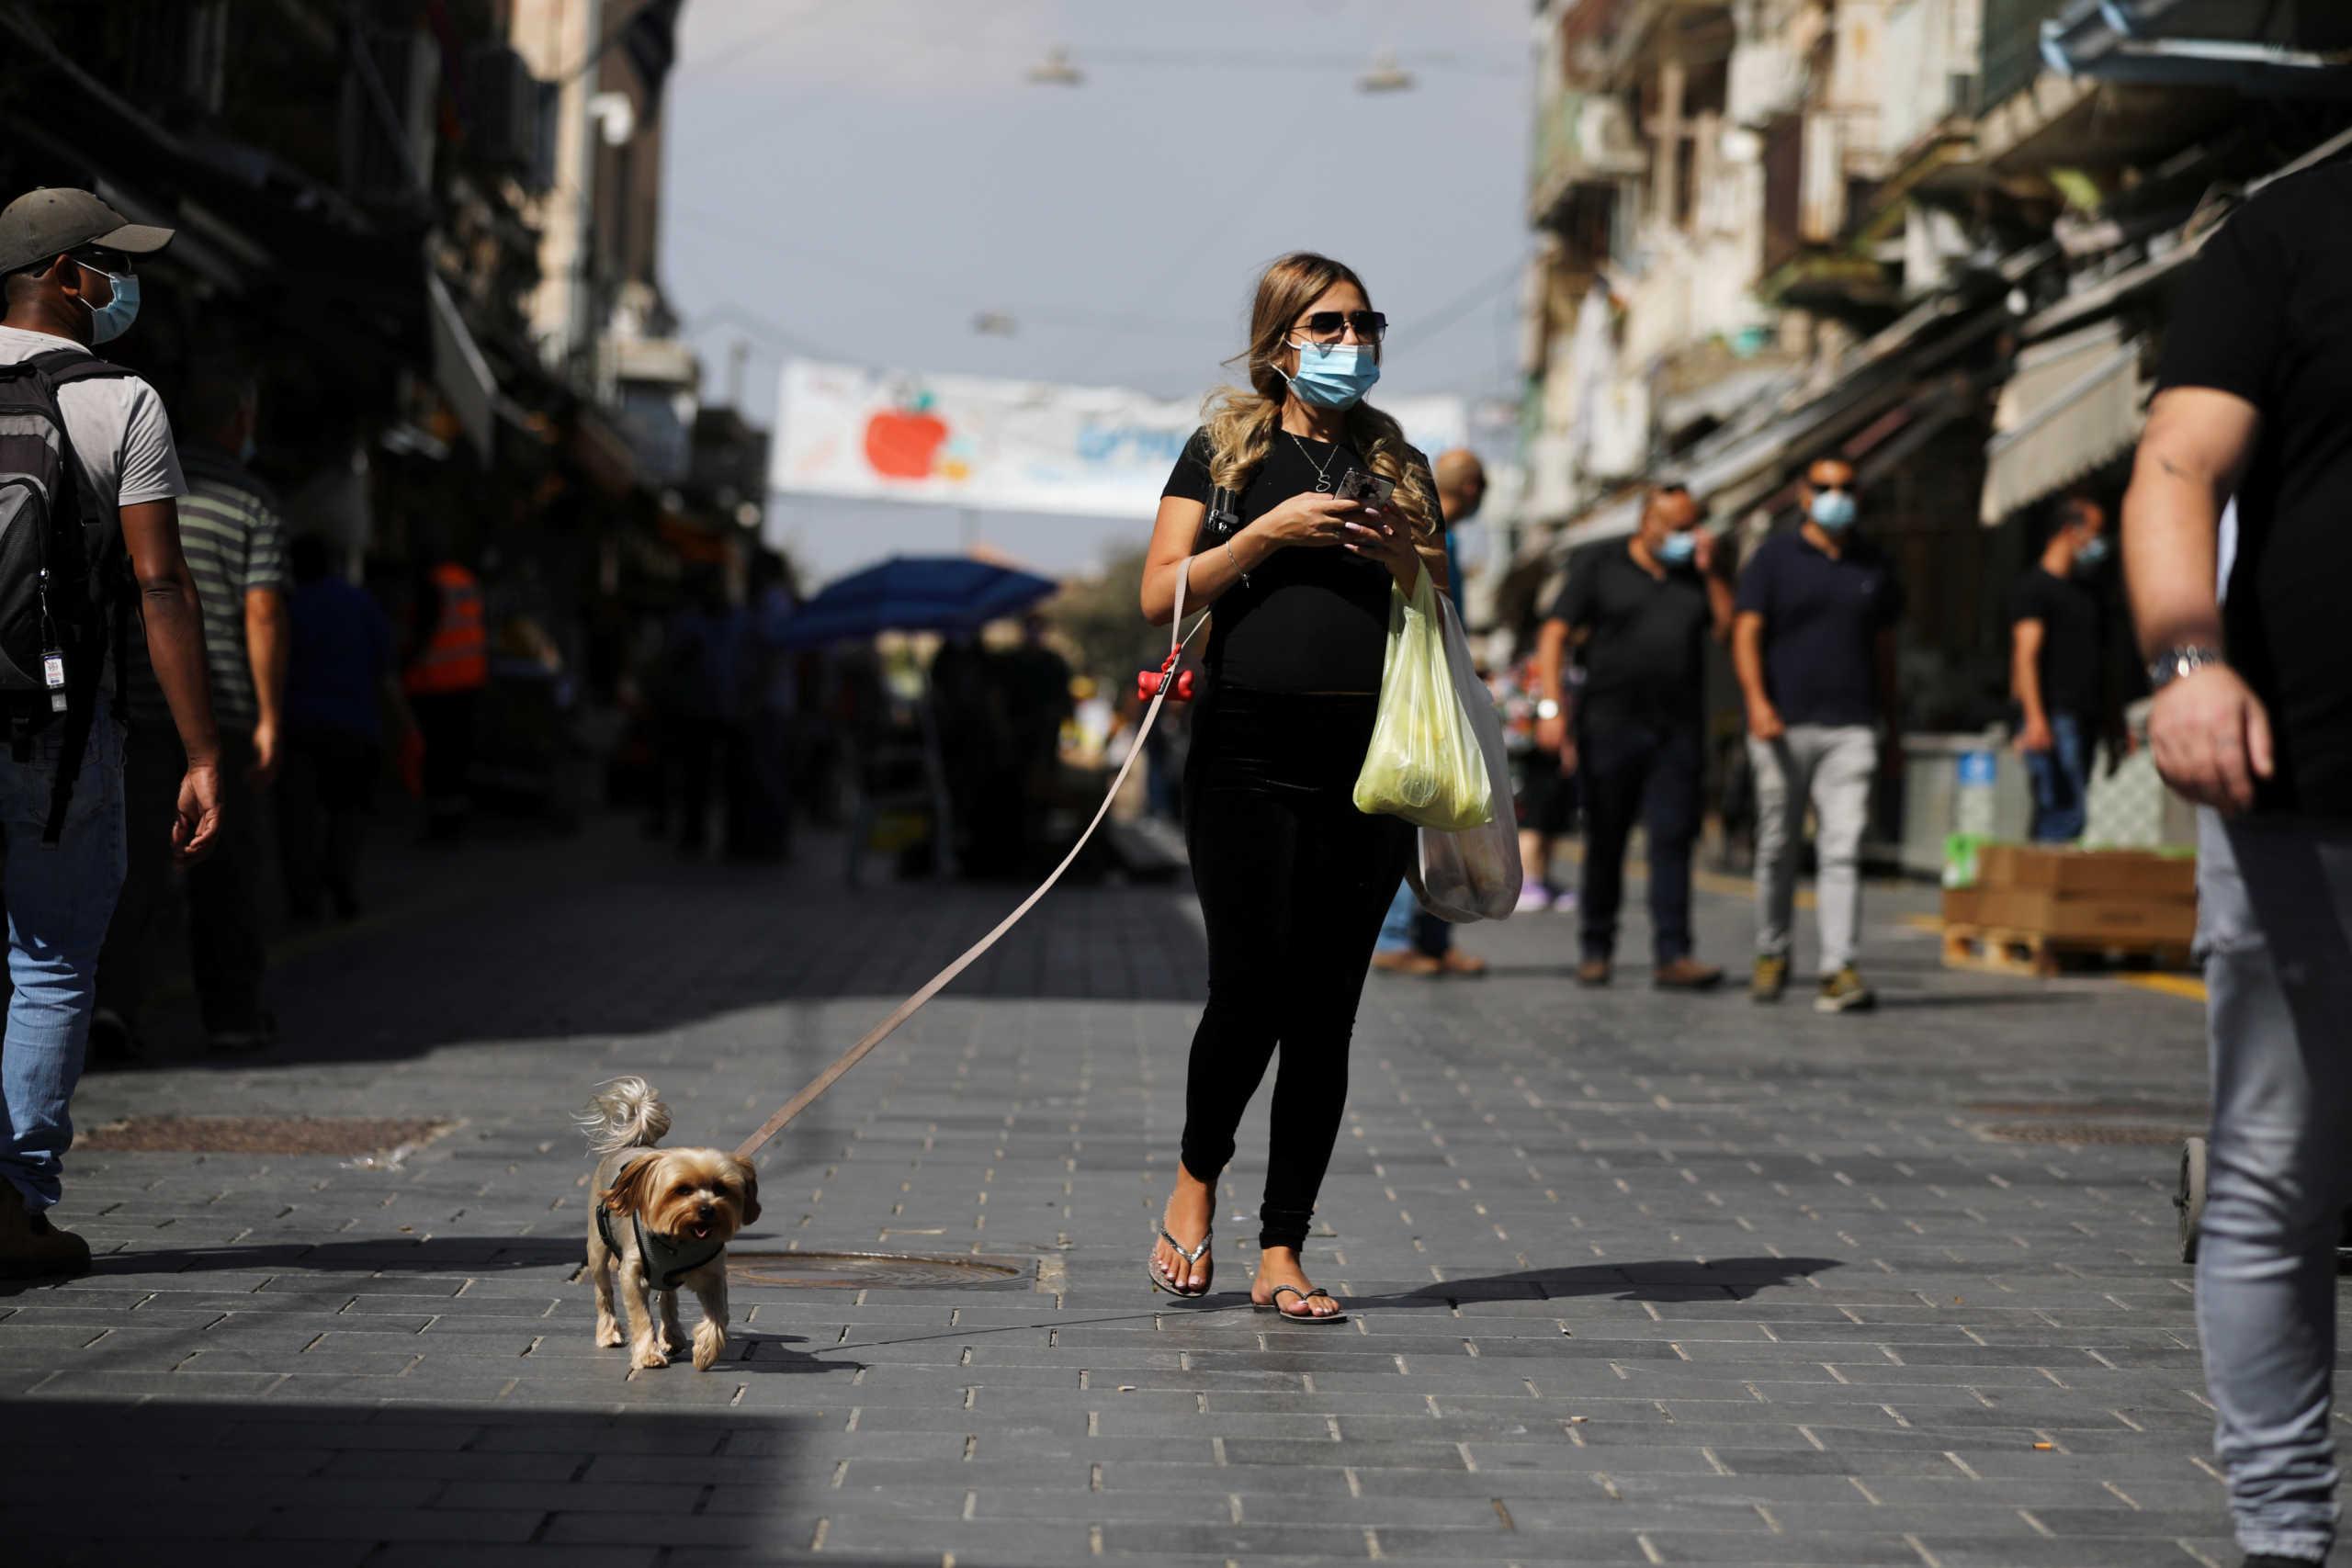 Κορονοϊός: Το Ισραήλ ξεπέρασε το ορόσημο των 900.000 κρουσμάτων – Στους 6.555 οι θάνατοι